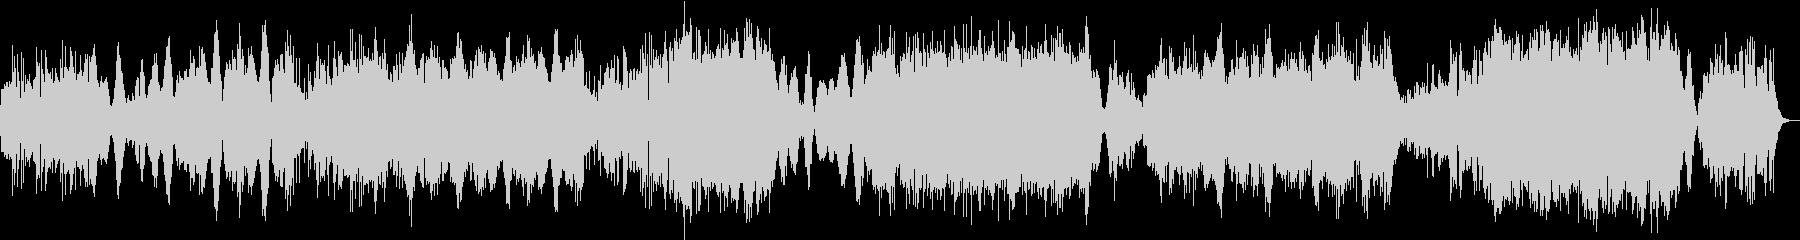 疾走感のある管弦曲の未再生の波形